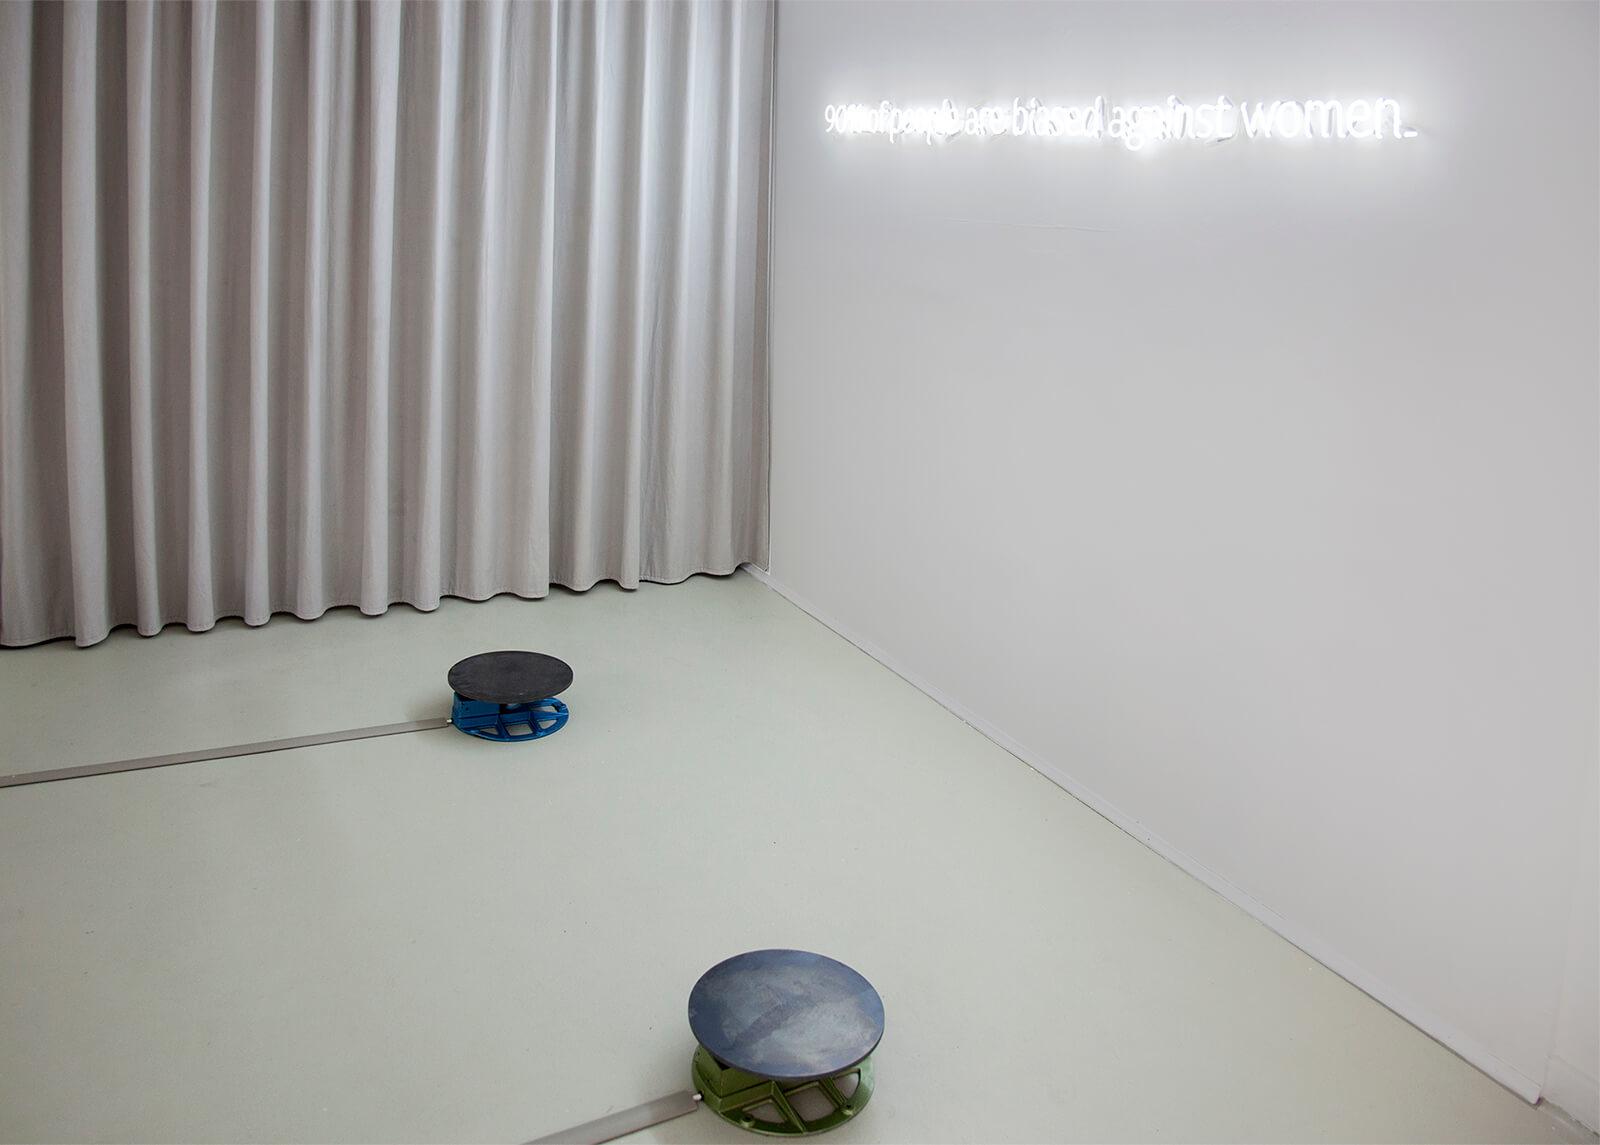 Blick in einen beige gehaltenen Raum